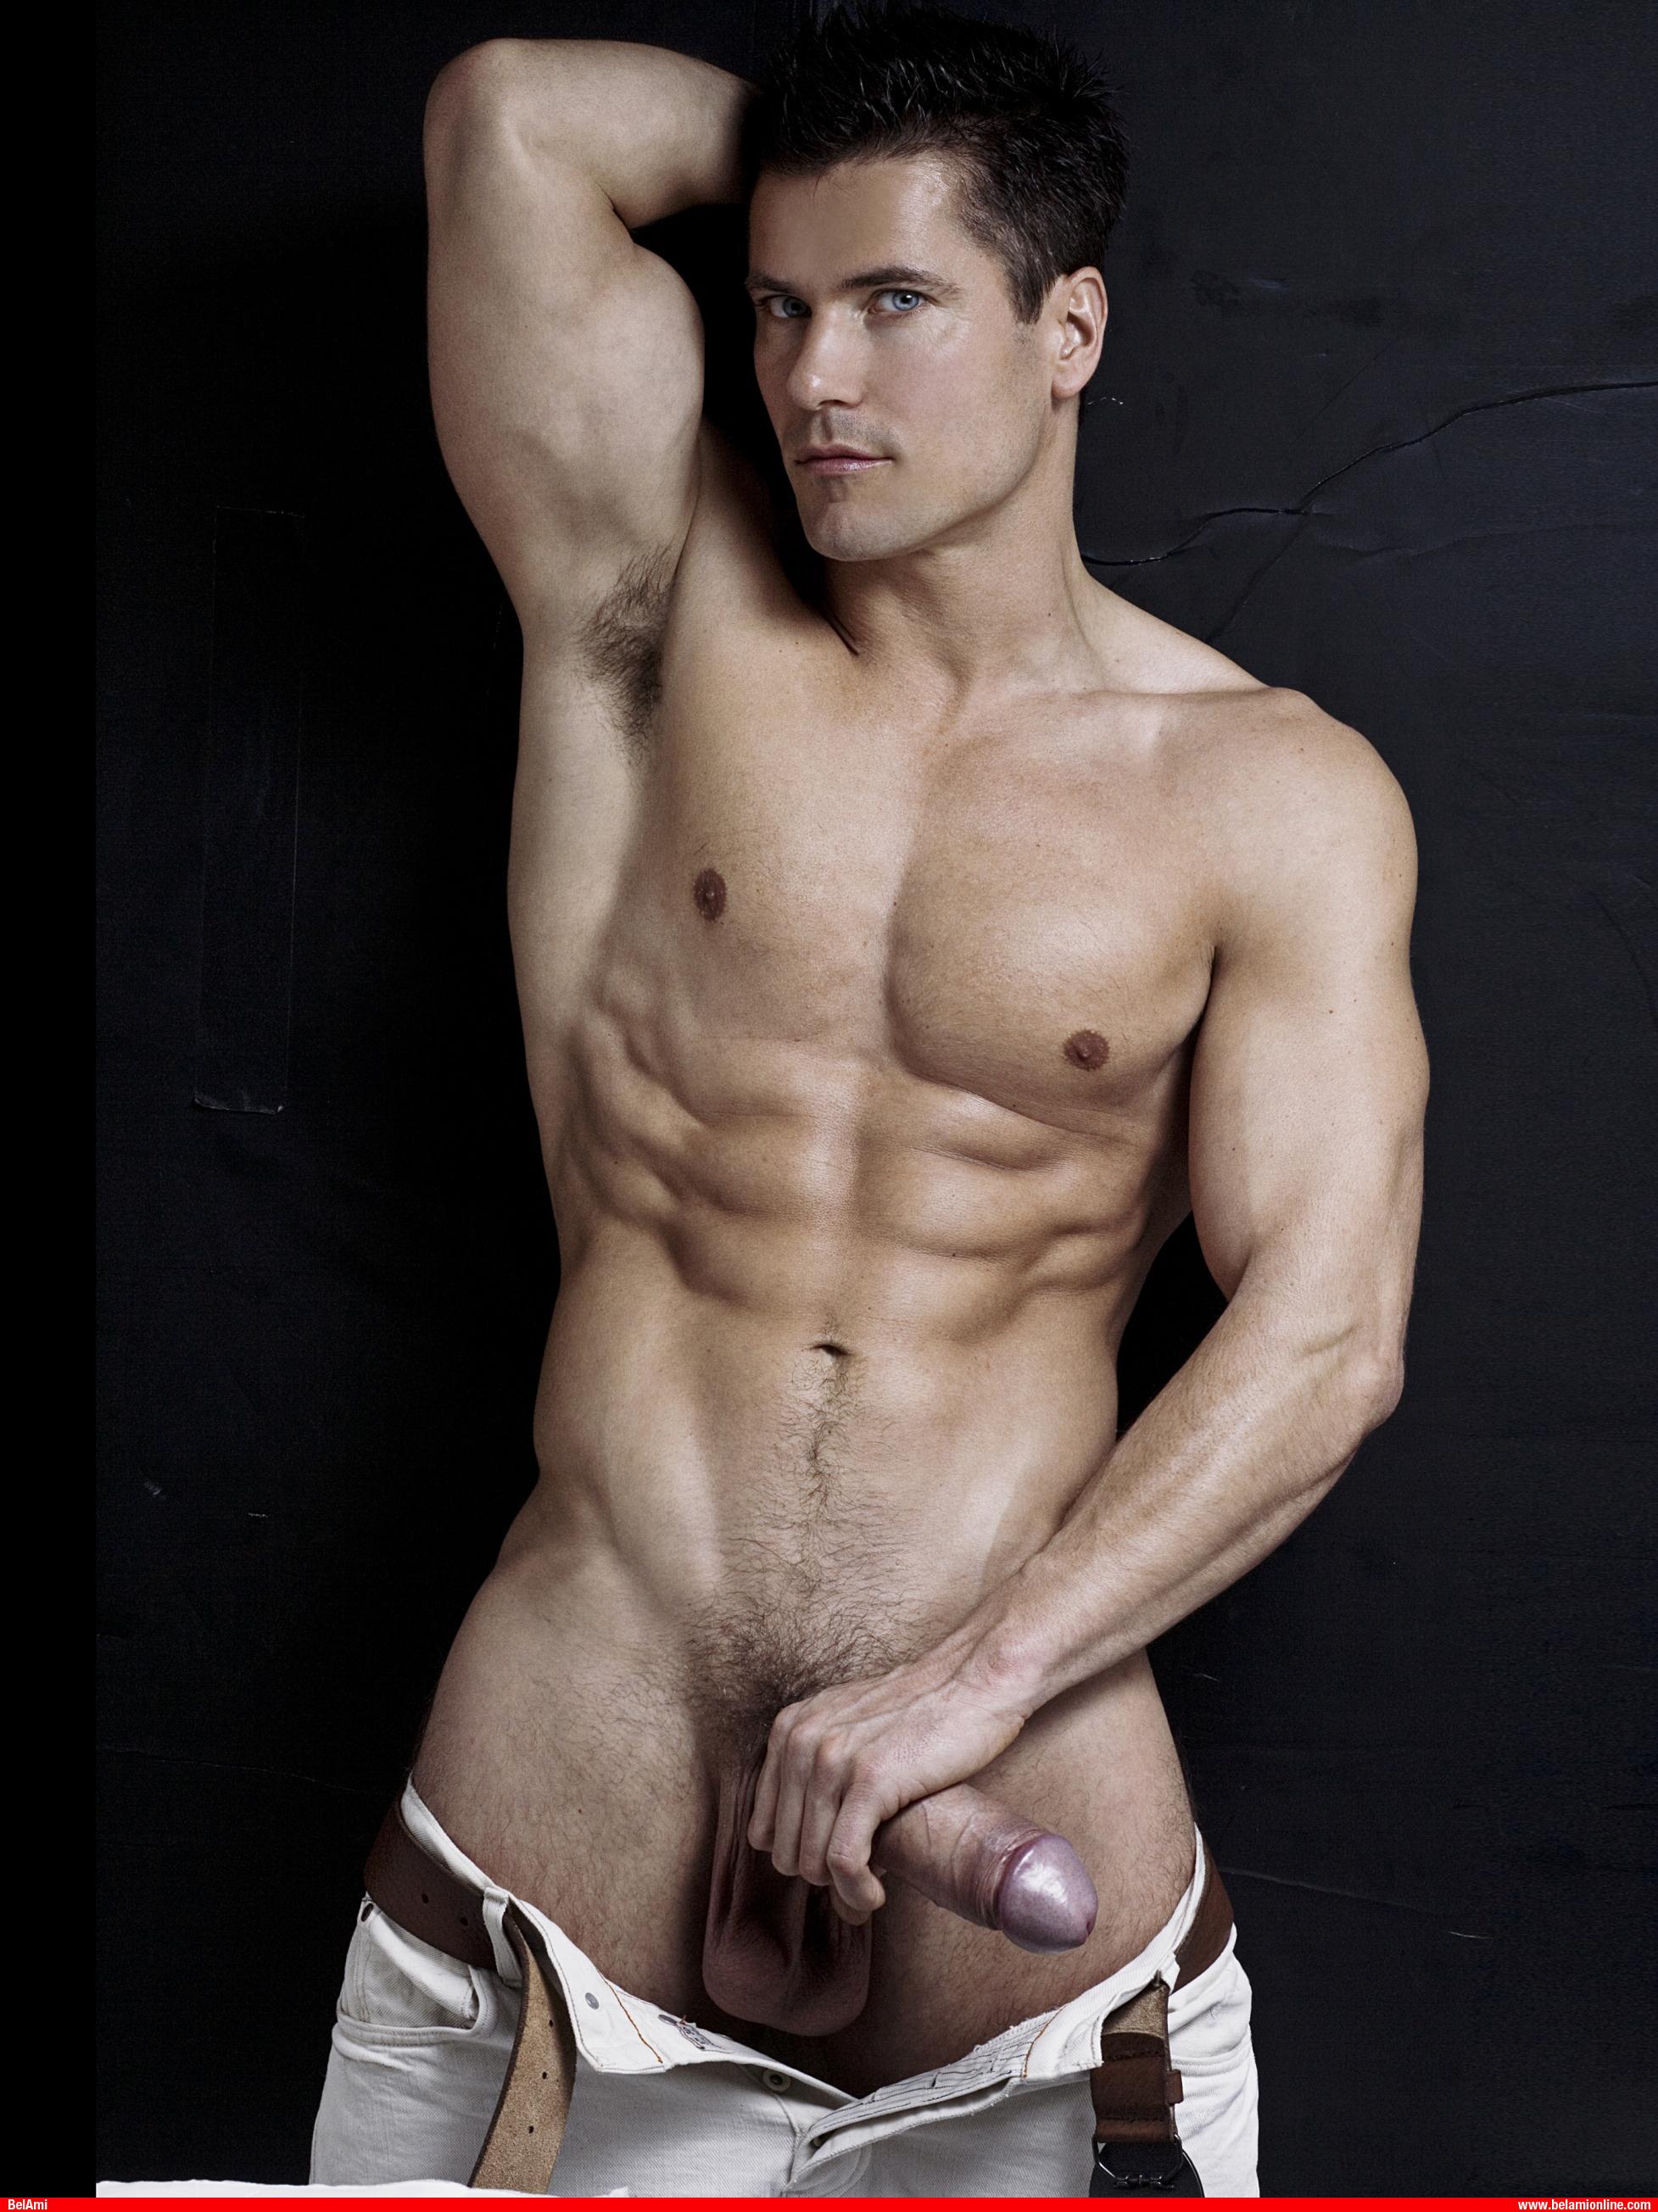 Самые красивые голые мужчины мира фото 11 фотография